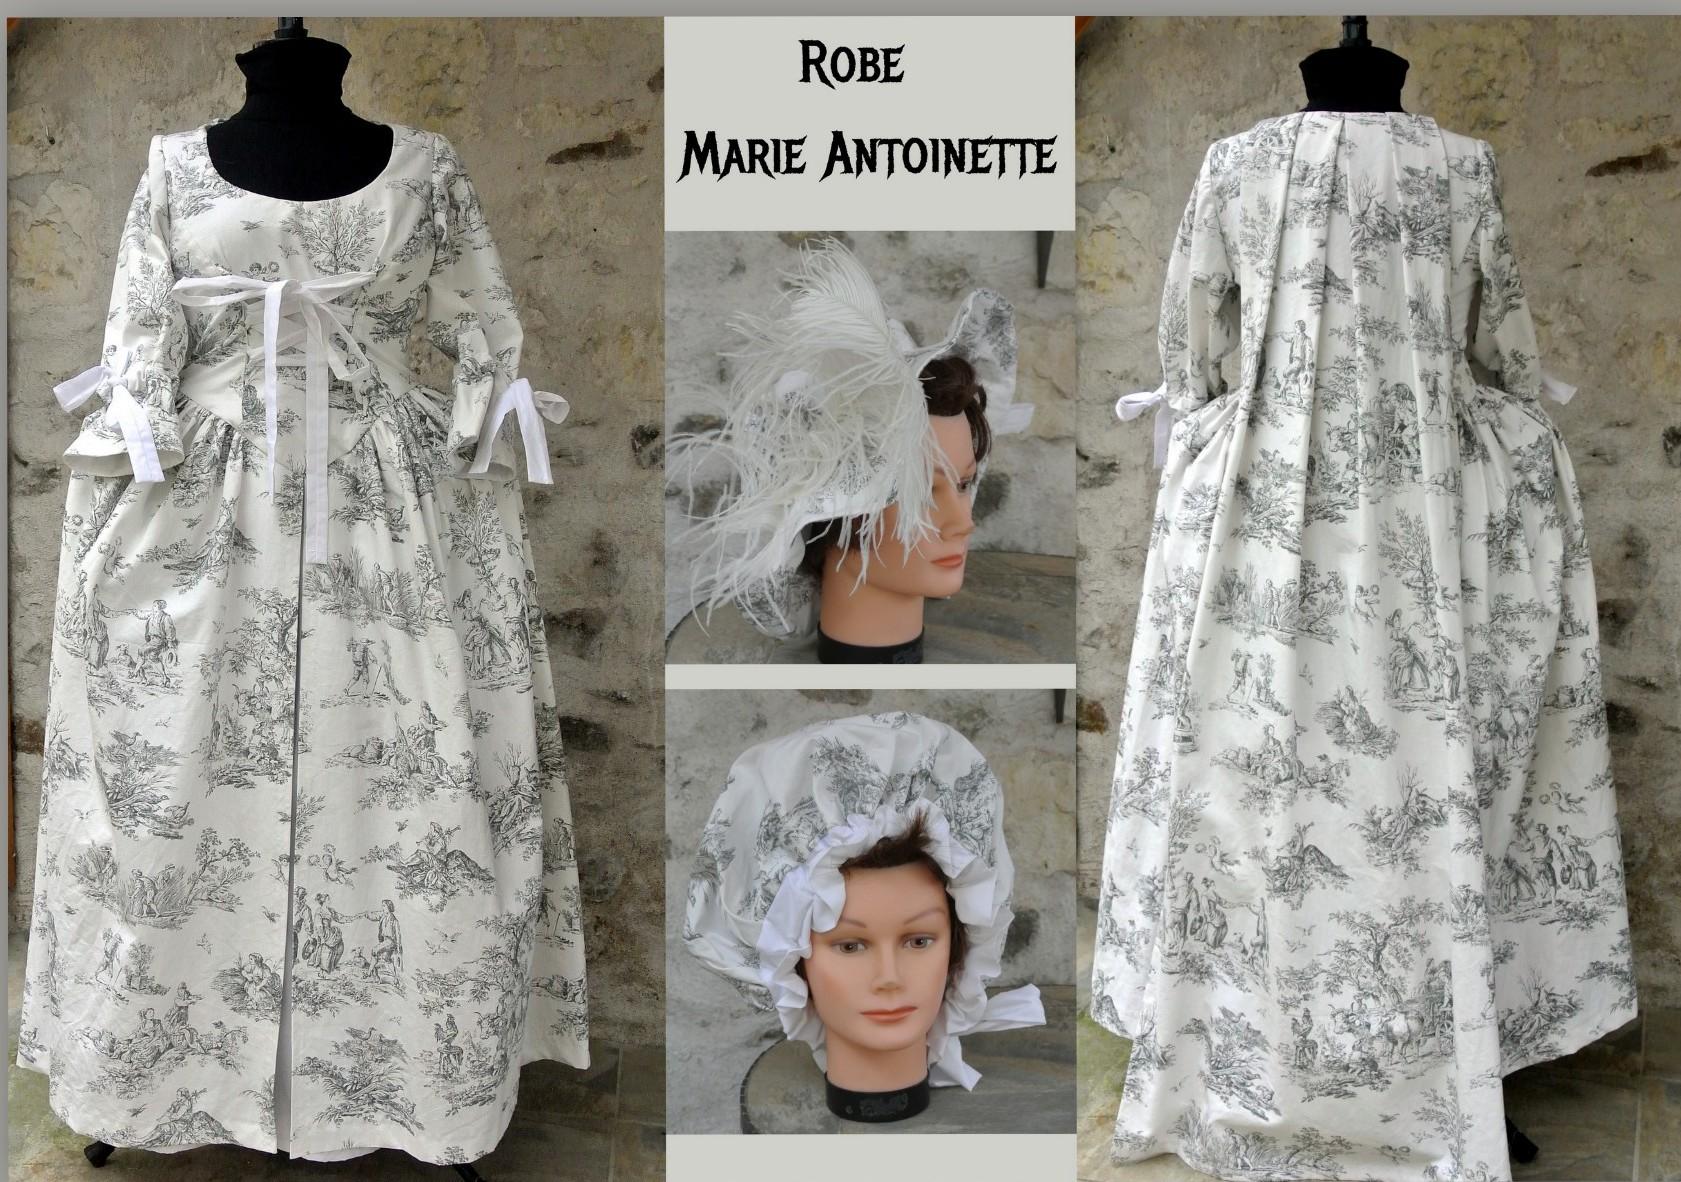 Robe Marie Antoinette